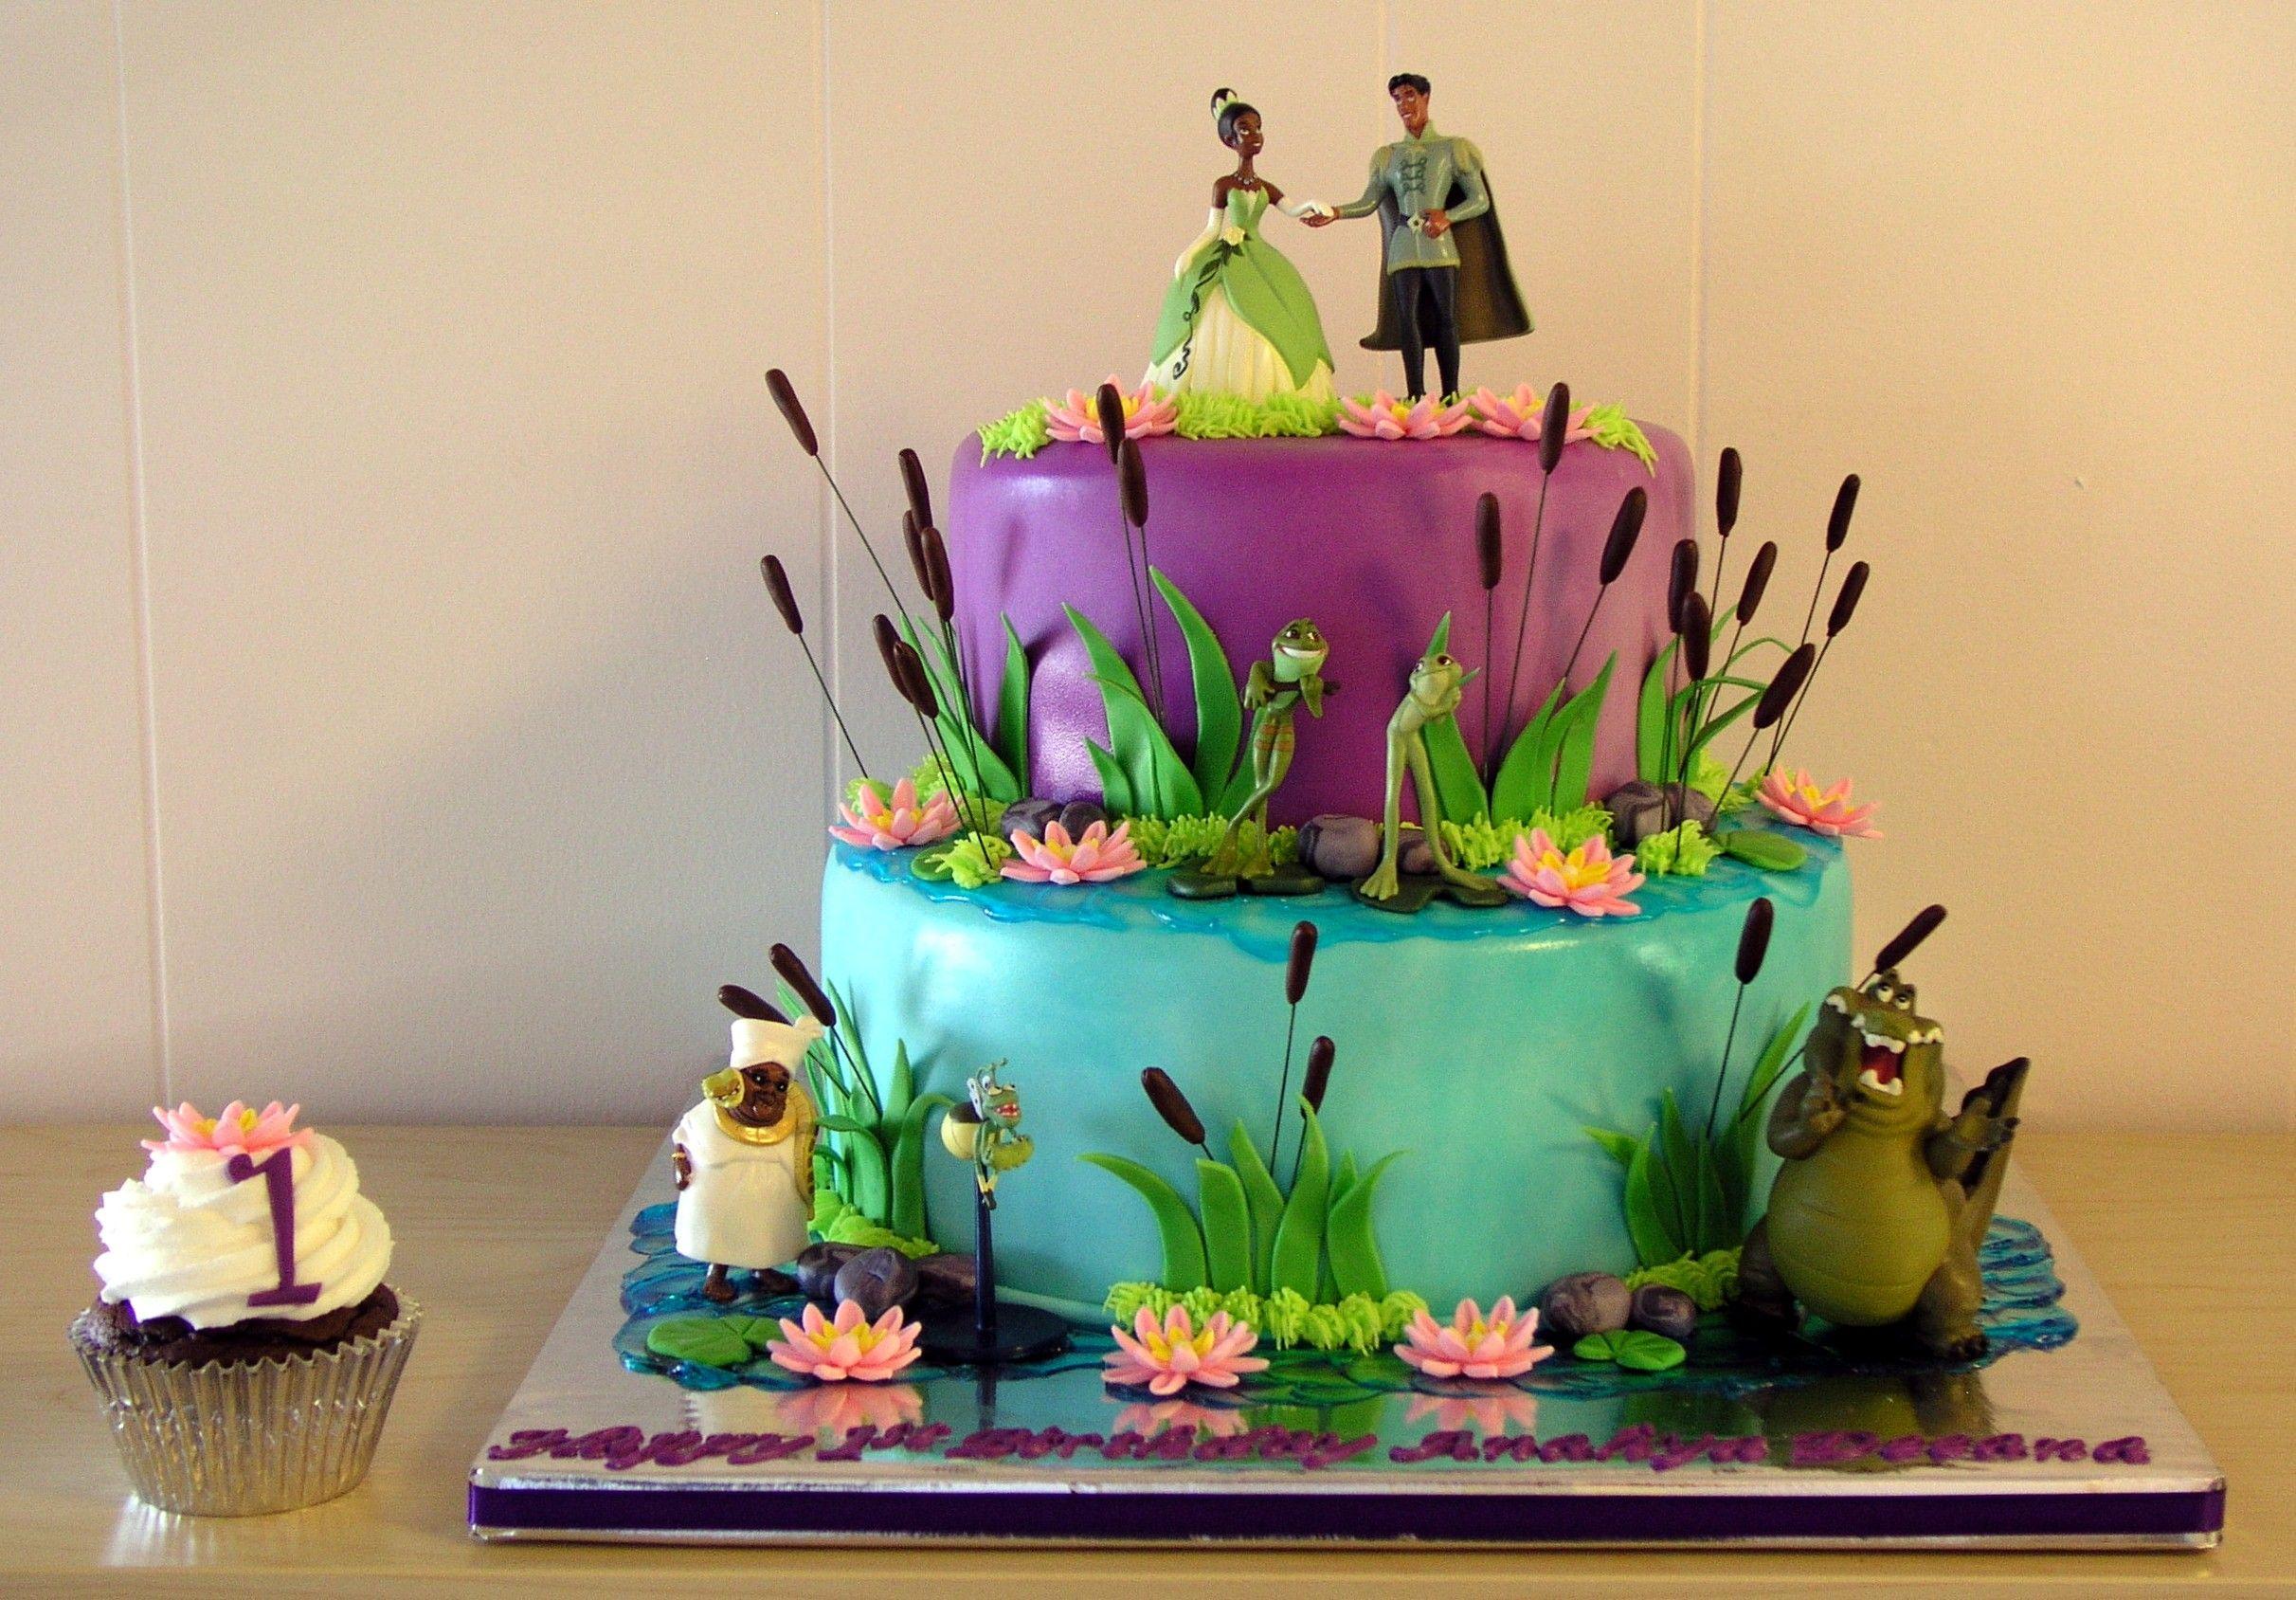 Princess Amp The Frog Cake Disney Princess Birthday Cakes